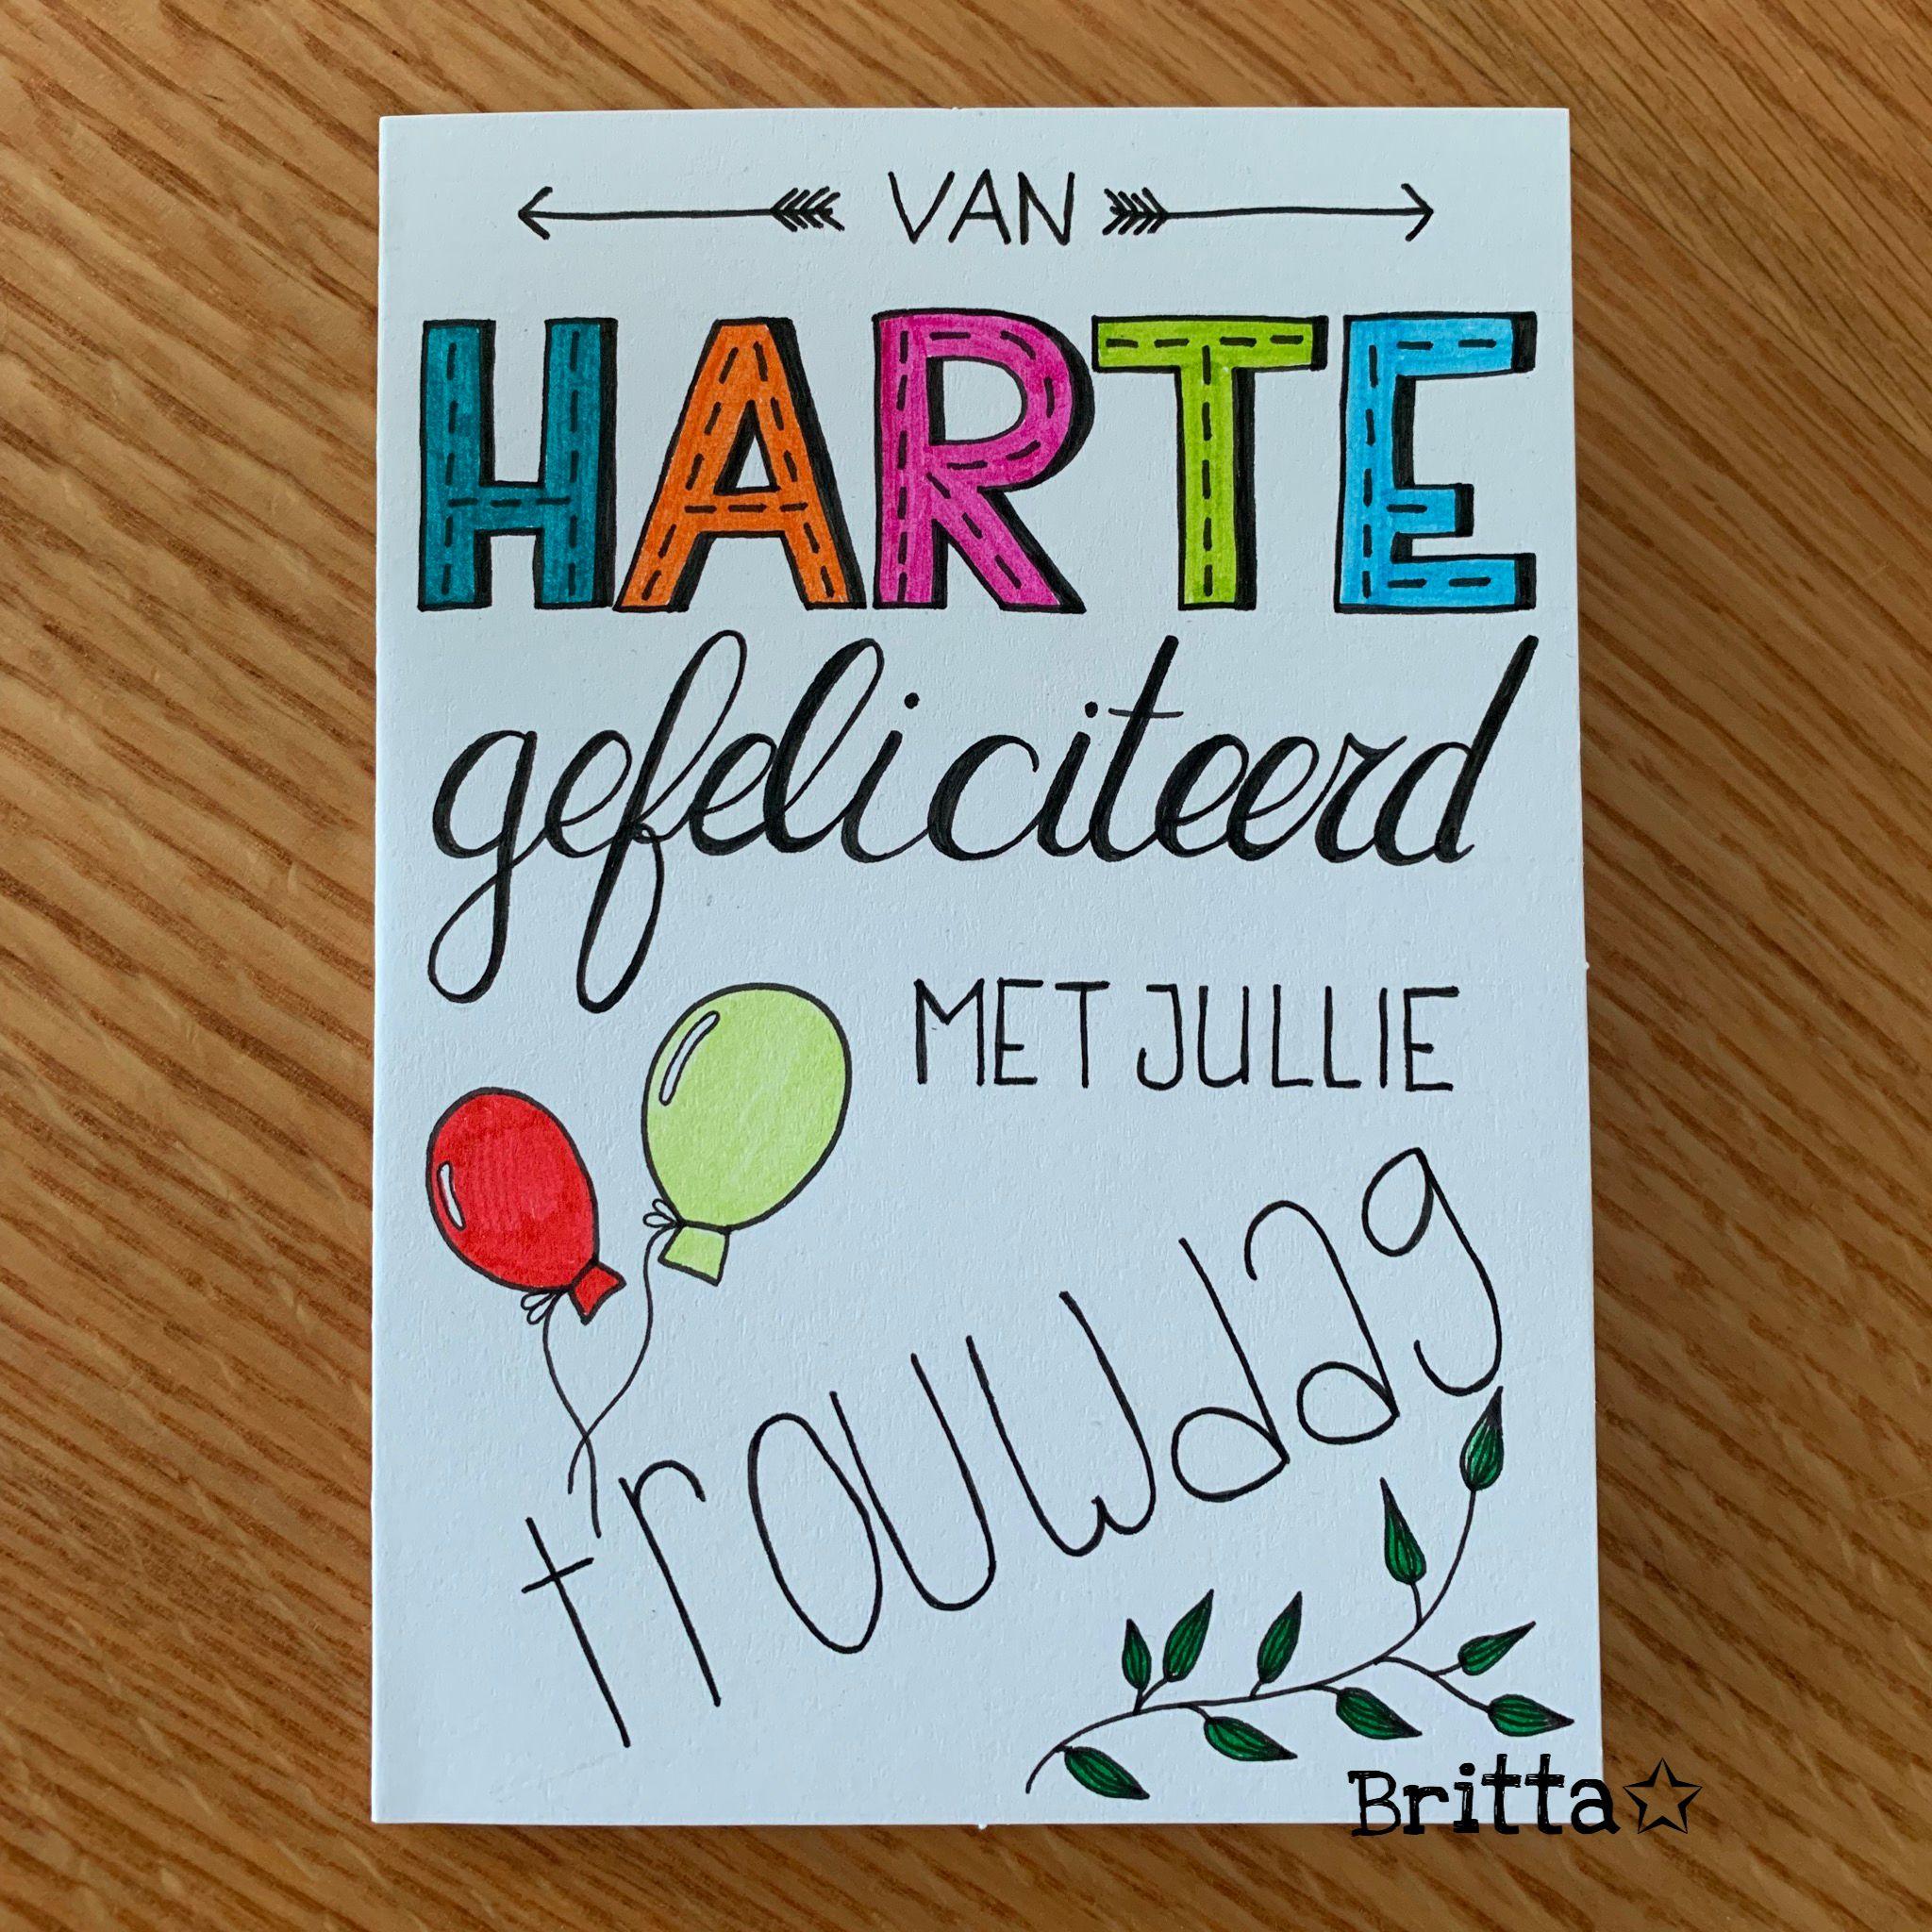 Handlettering Trouwdag Jubileum Kaart Maken Liefde Kaarten Maken Handletteren Handbelettering